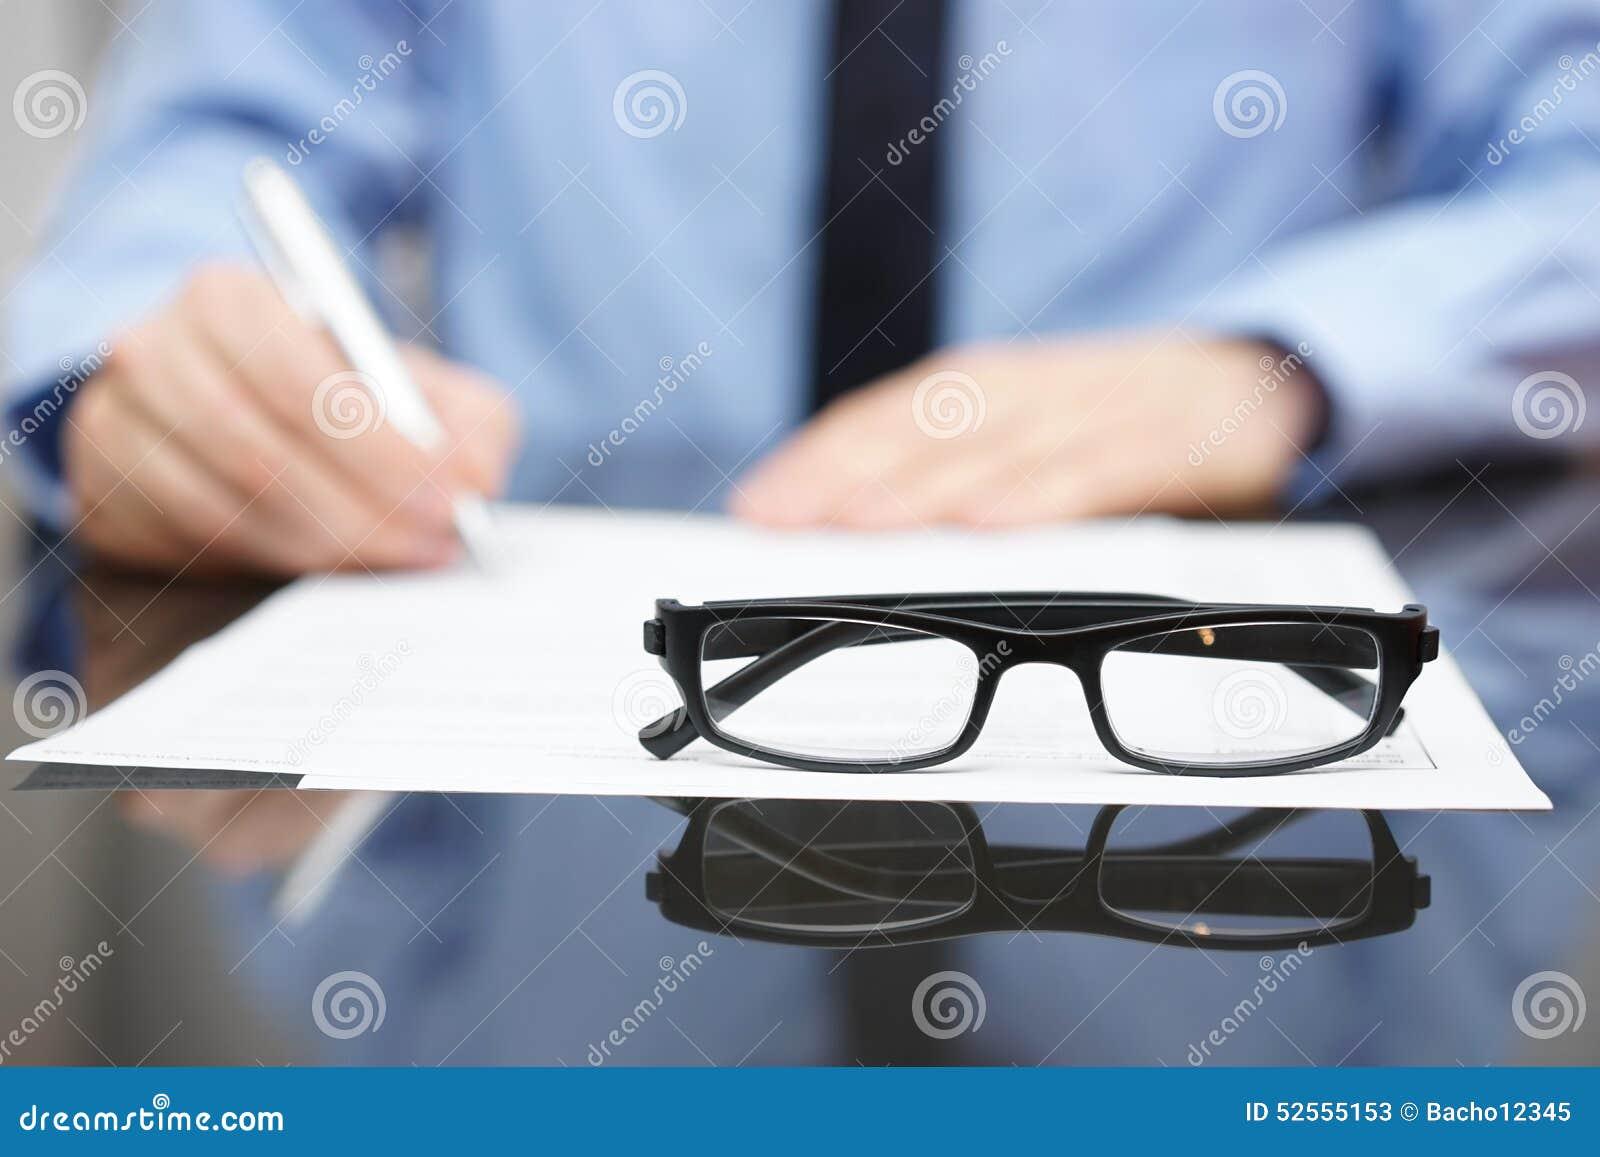 Unscharfer beschäftigter Unternehmer im Hintergrund mit Fokus auf Gläsern